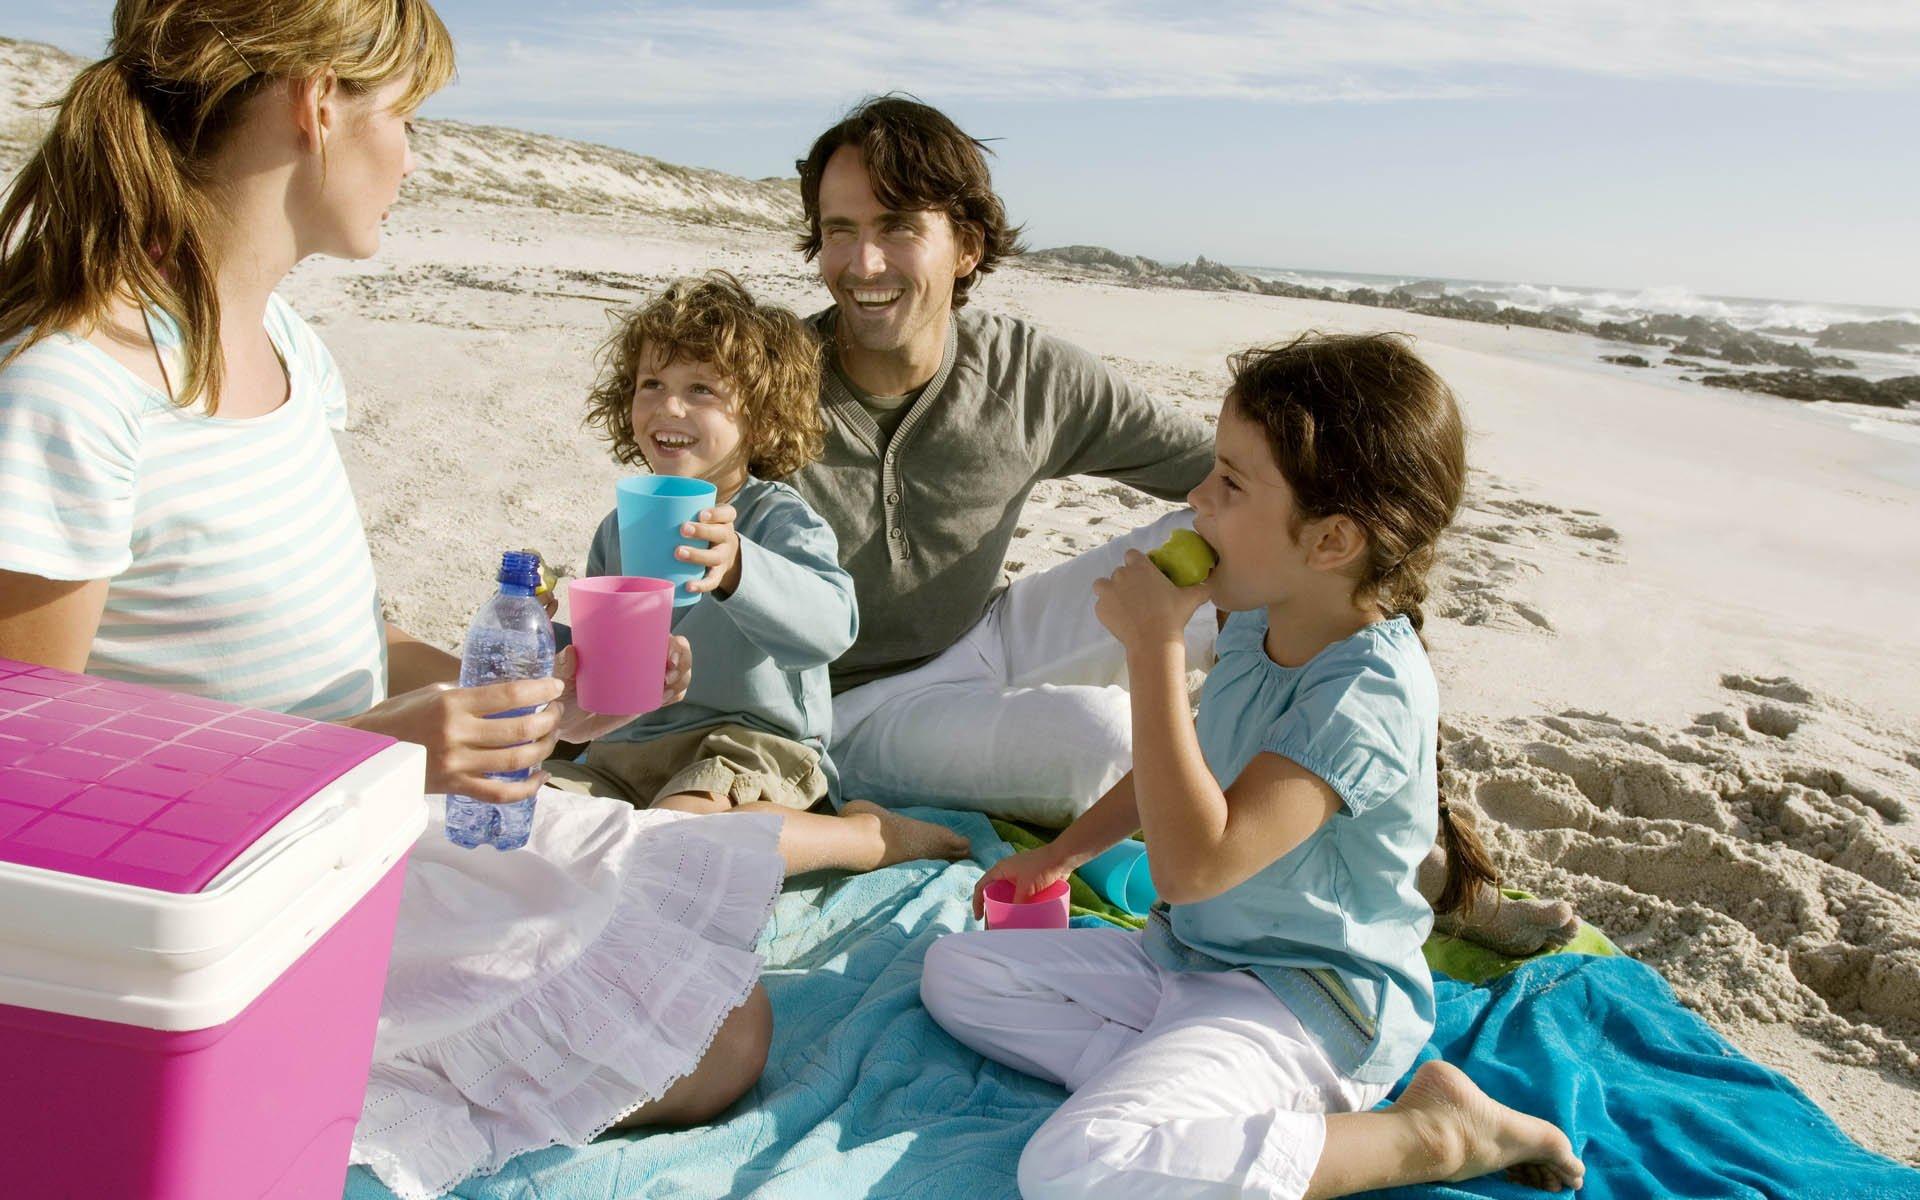 Отдых на пляже: что взять с собой покушать.